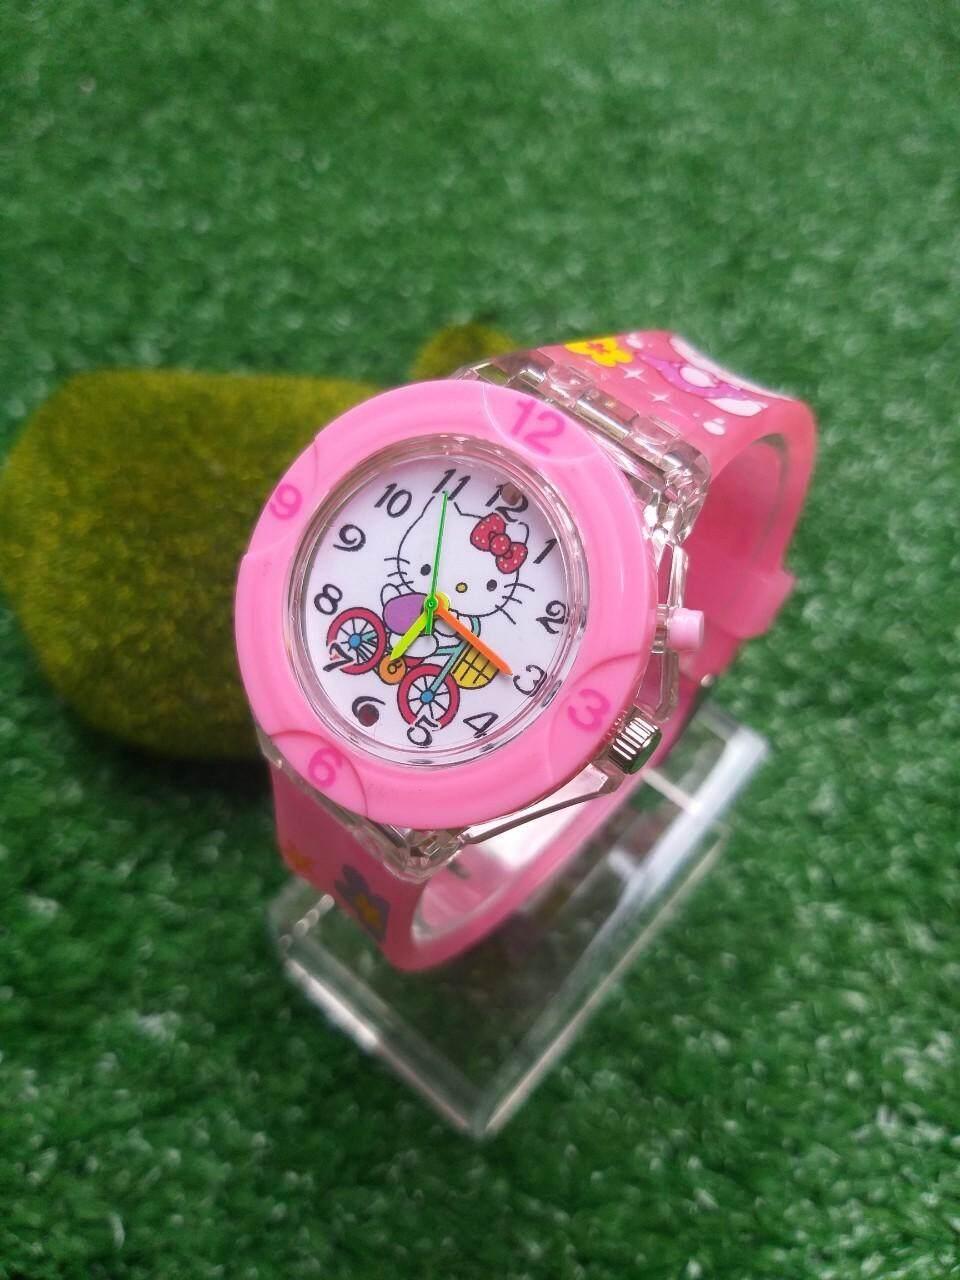 นาฬิกาข้อมือแฟชั่นคิตตี้ เกรดพรีเมียมหน้าจอมีไฟเเละมีเสียงเพลงกันน้ำ (ไม่พร้อมกล่อง).